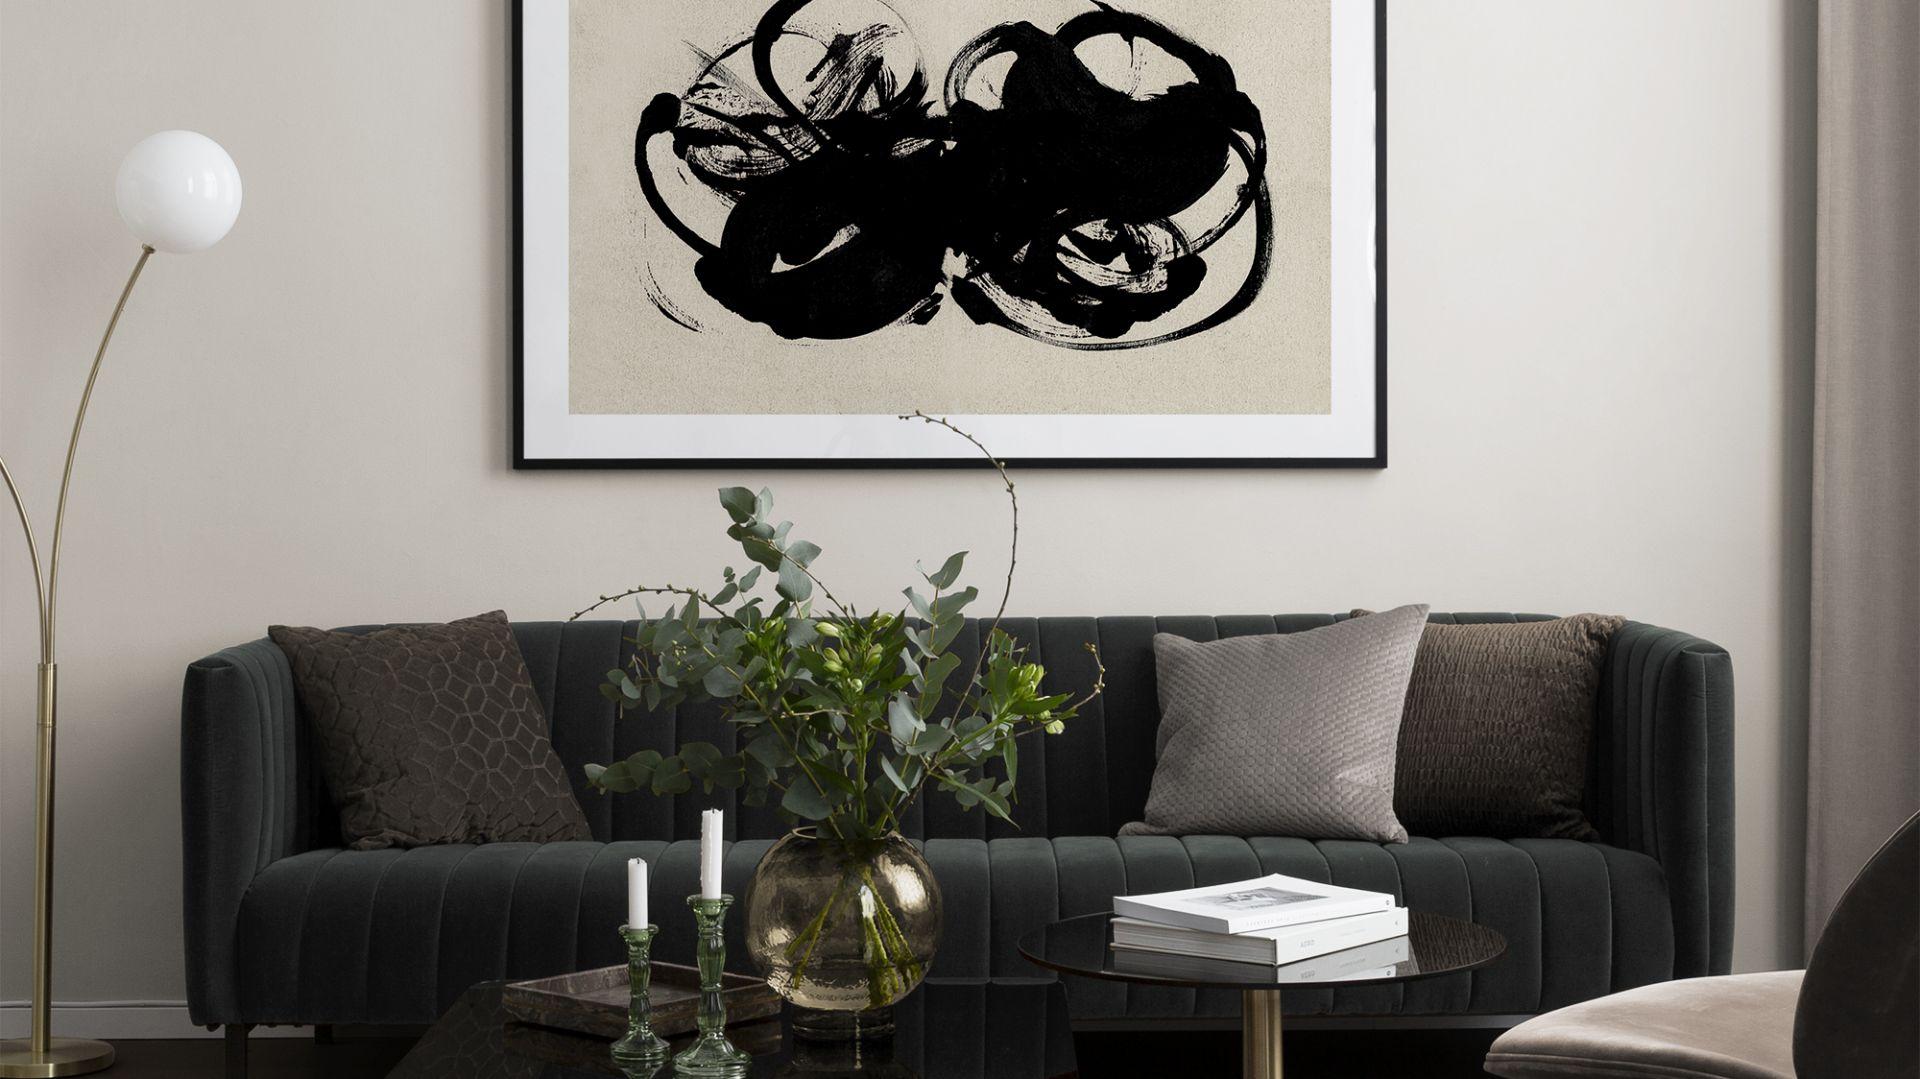 Ramki i plakaty artystyczne w rozmiarze 100x150 cm. Fot. Desenio